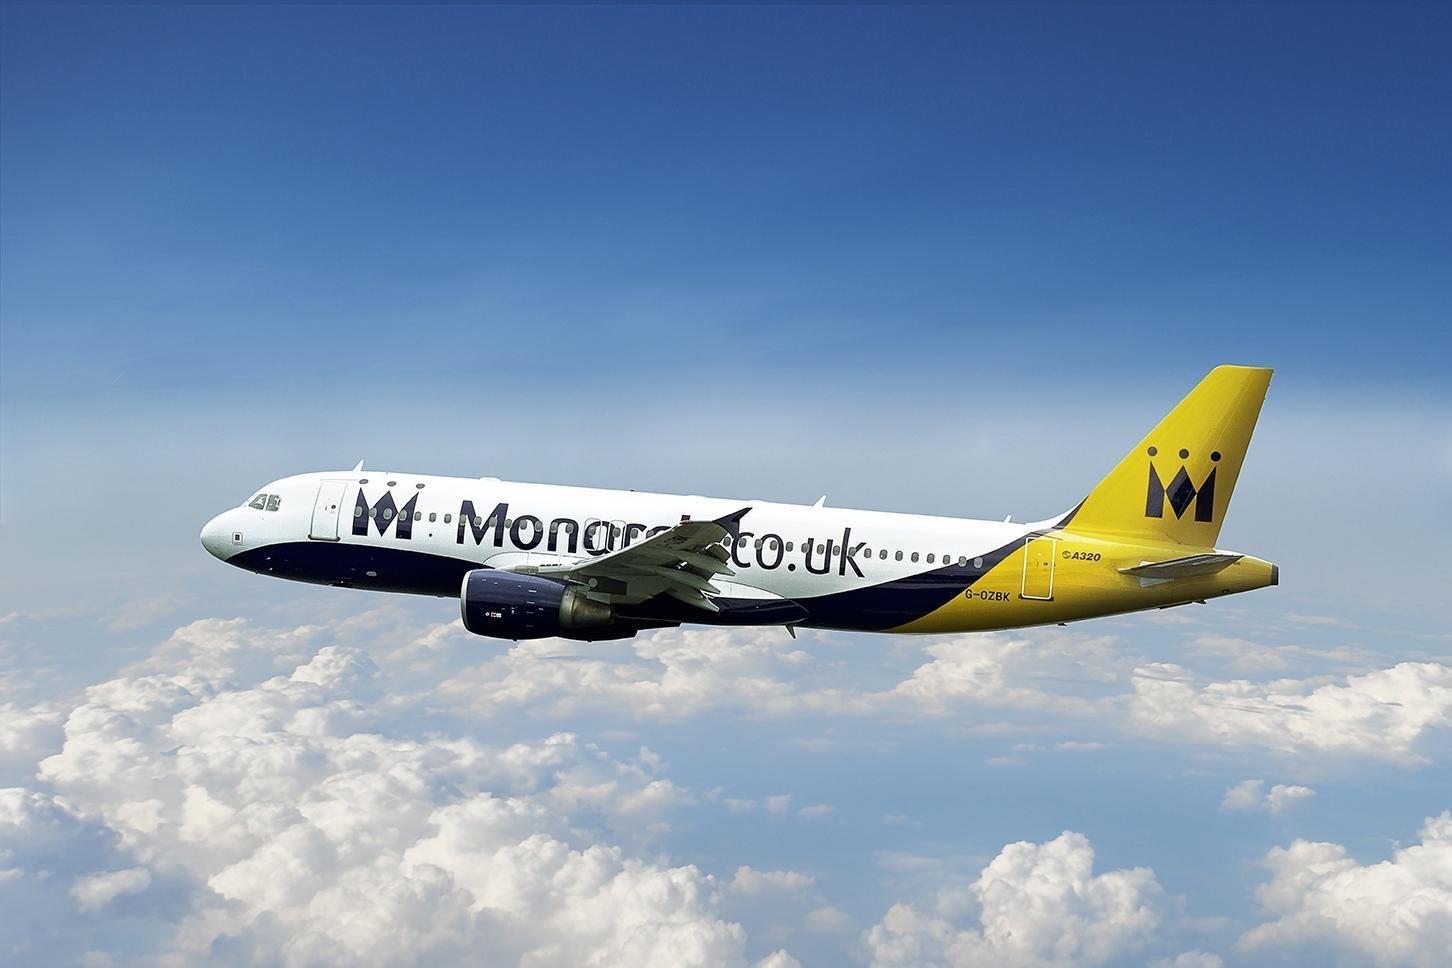 Неменее  100 тыс.  британцев немогут вернуться домой после краха Monarch Airlines